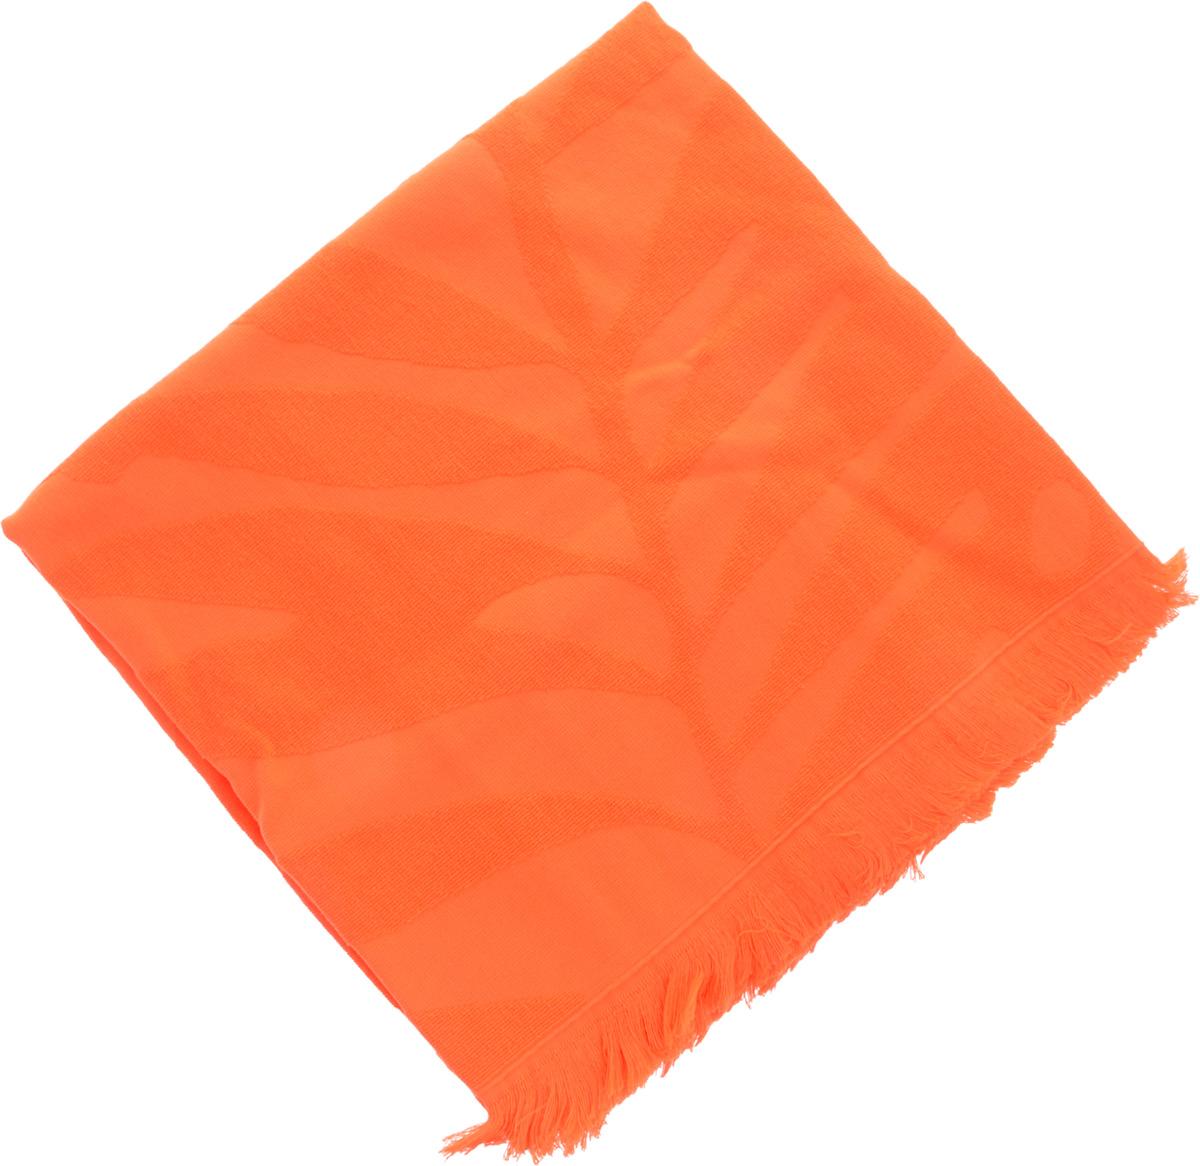 Полотенце Issimo Home Nadia, цвет: оранжевый, 90 x 180 см4994Полотенце Issimo Home Nadia выполнено из 100% хлопка. Изделие отлично впитывает влагу, быстро сохнет, сохраняет яркость цвета и не теряет форму даже после многократных стирок. Полотенце очень практично и неприхотливо в уходе. Оно прекрасно дополнит интерьер ванной комнаты.